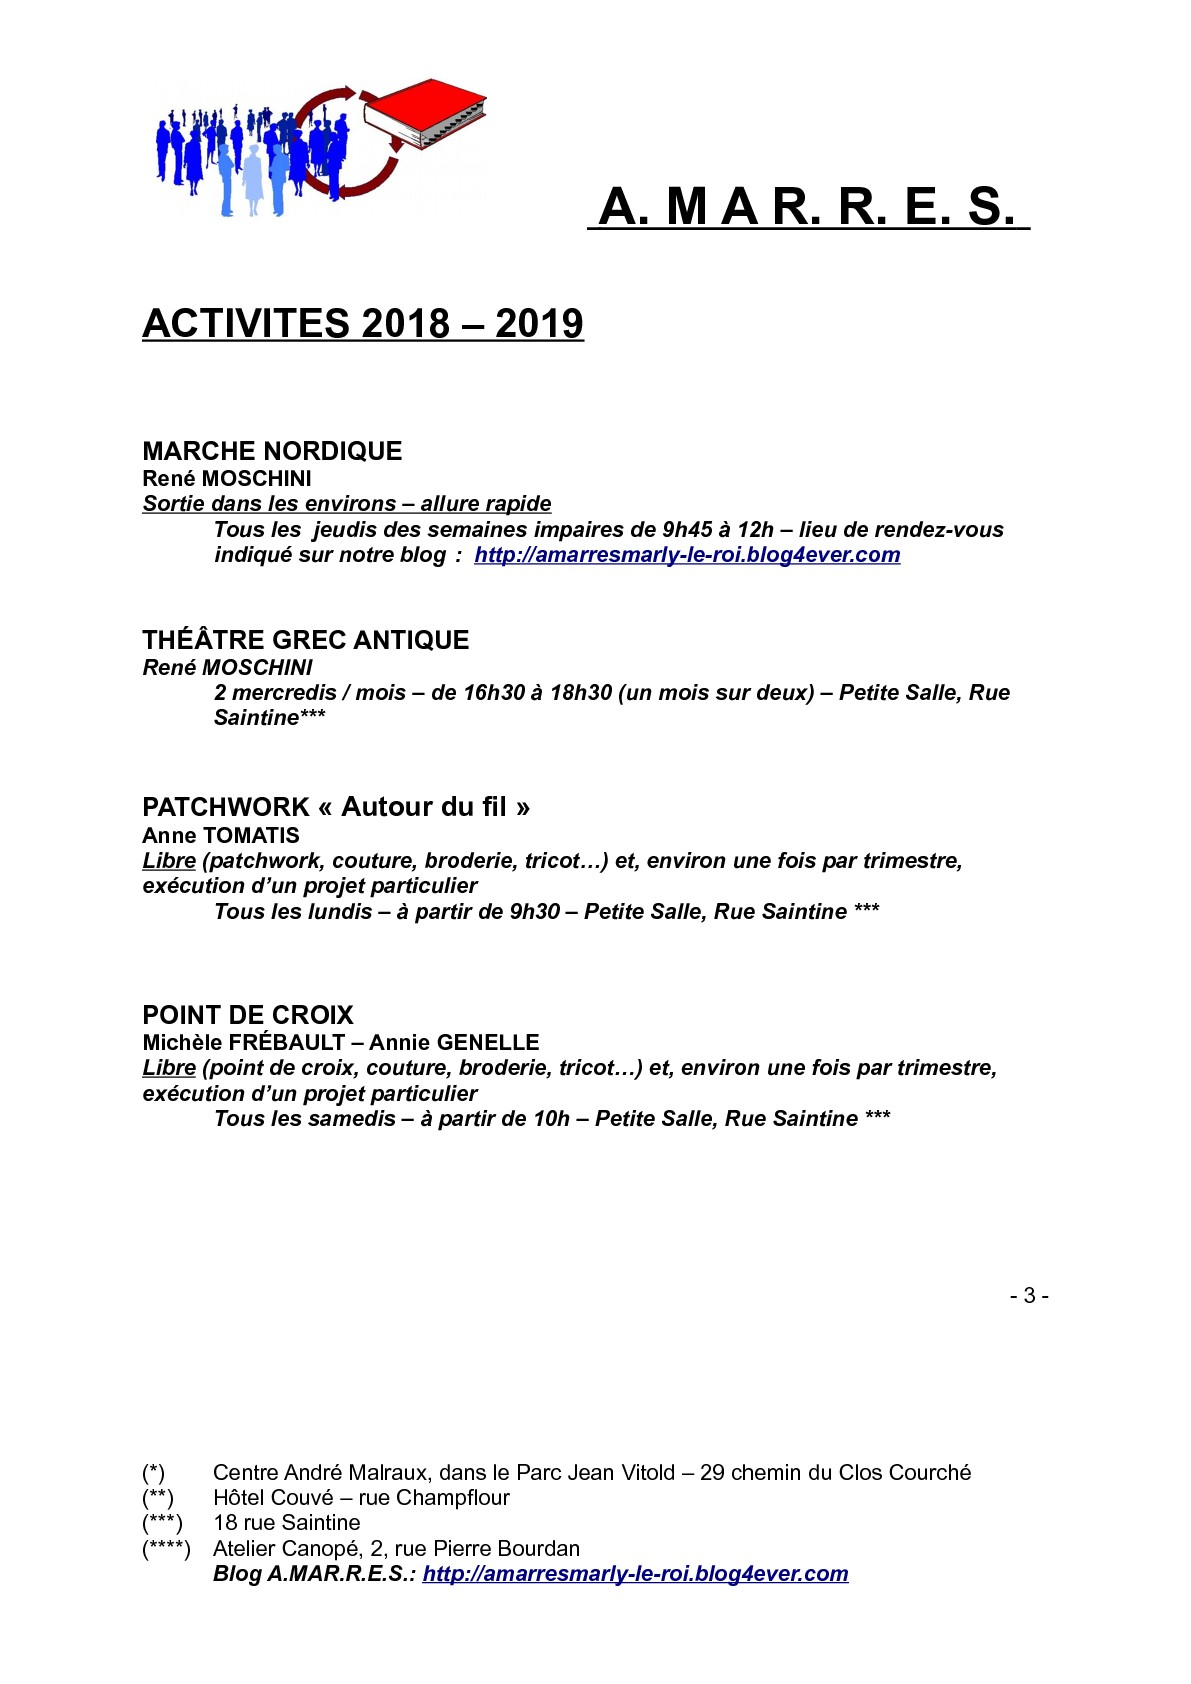 Nos activités 2018-2019-003-003.jpg